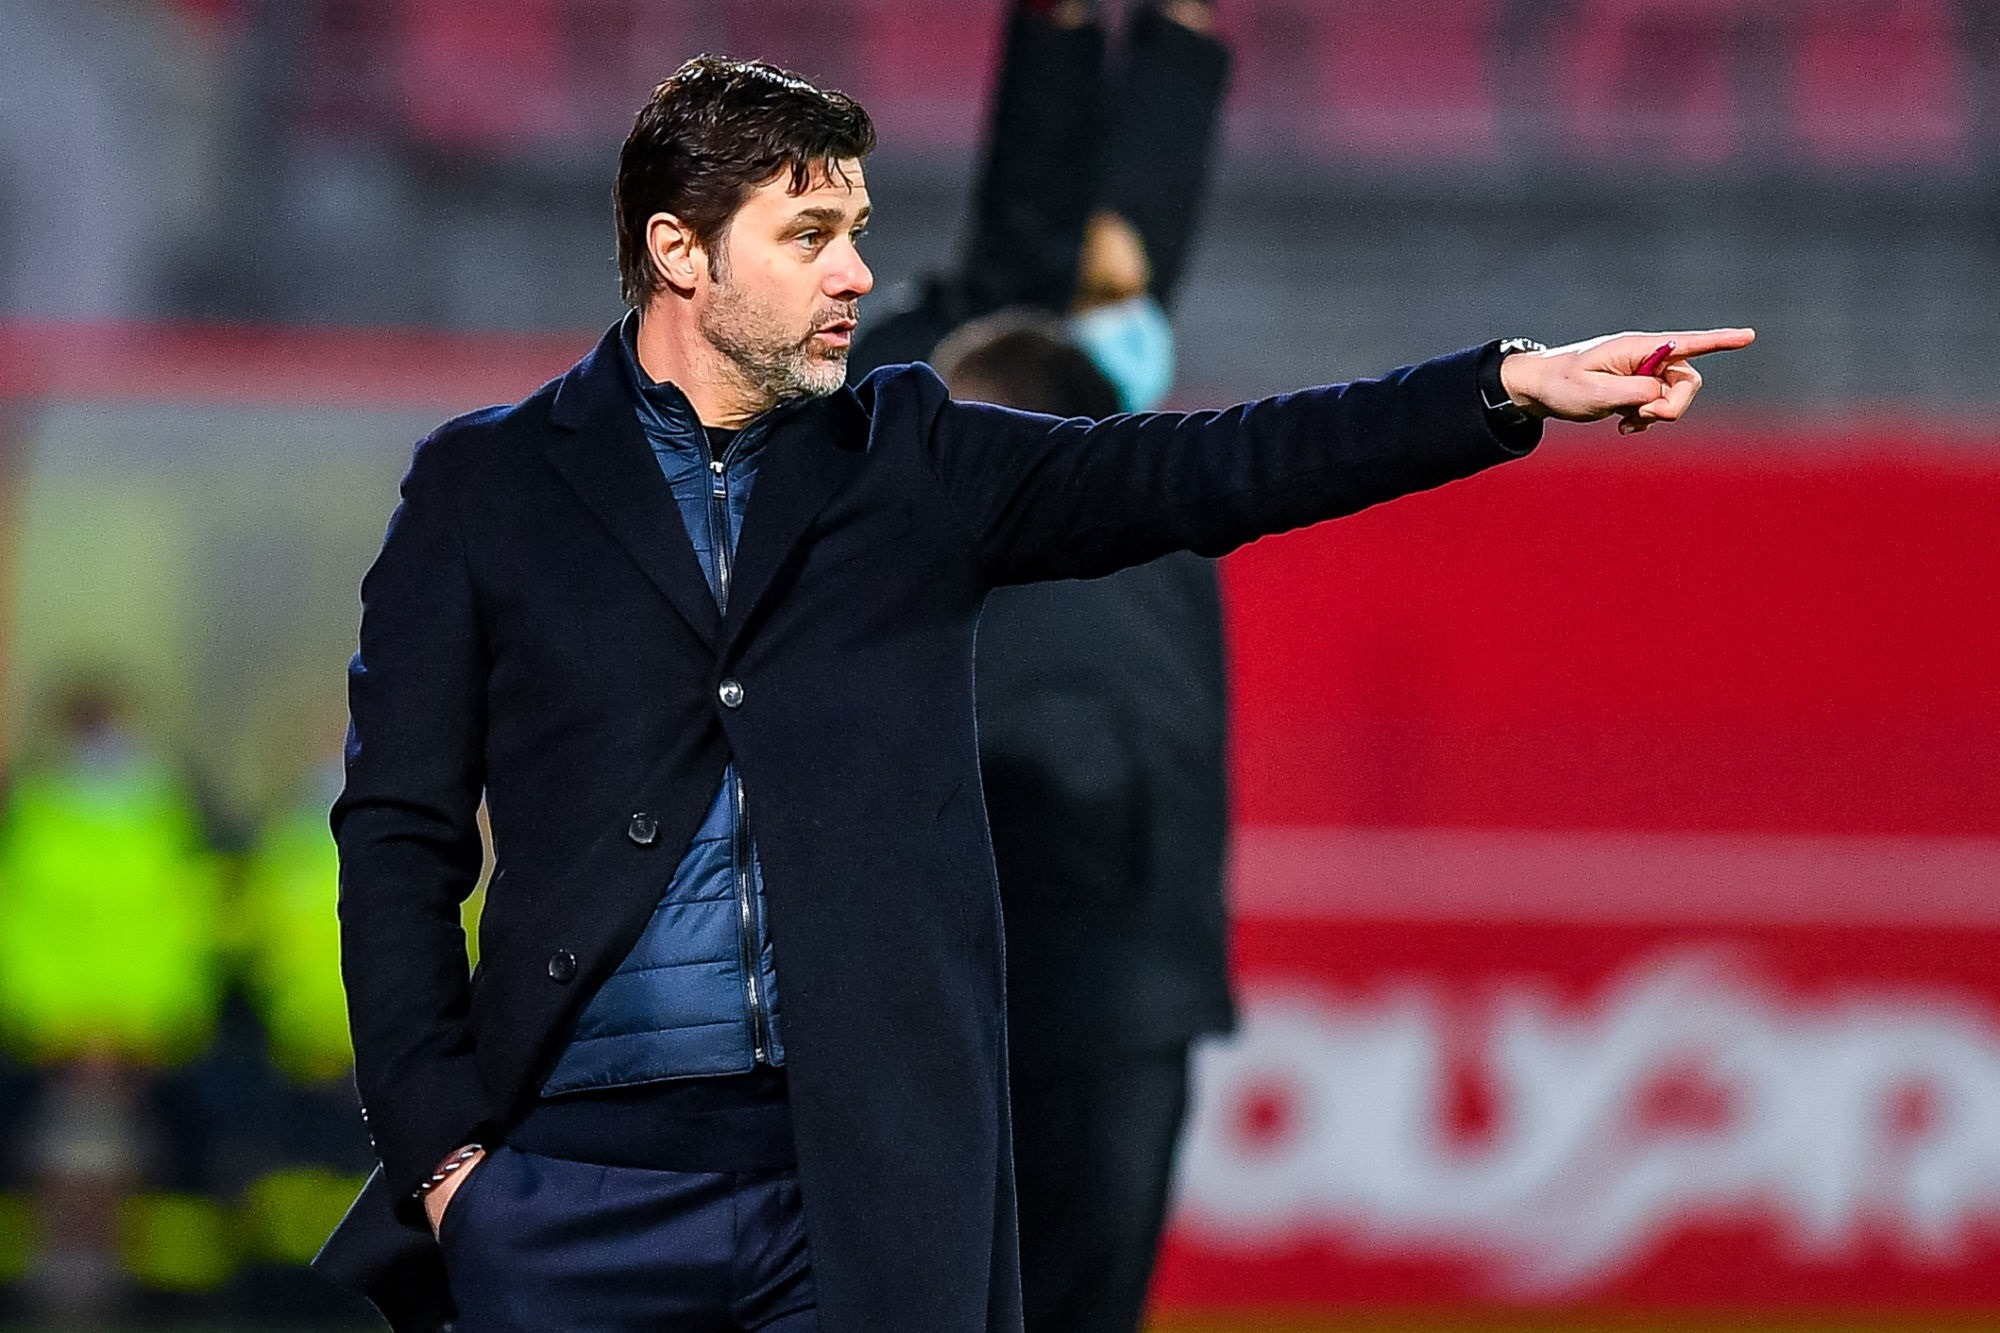 """Dijon/PSG - Pochettino heureux de l'équipe et des joueurs qui le mettent """"dans une position difficile"""""""